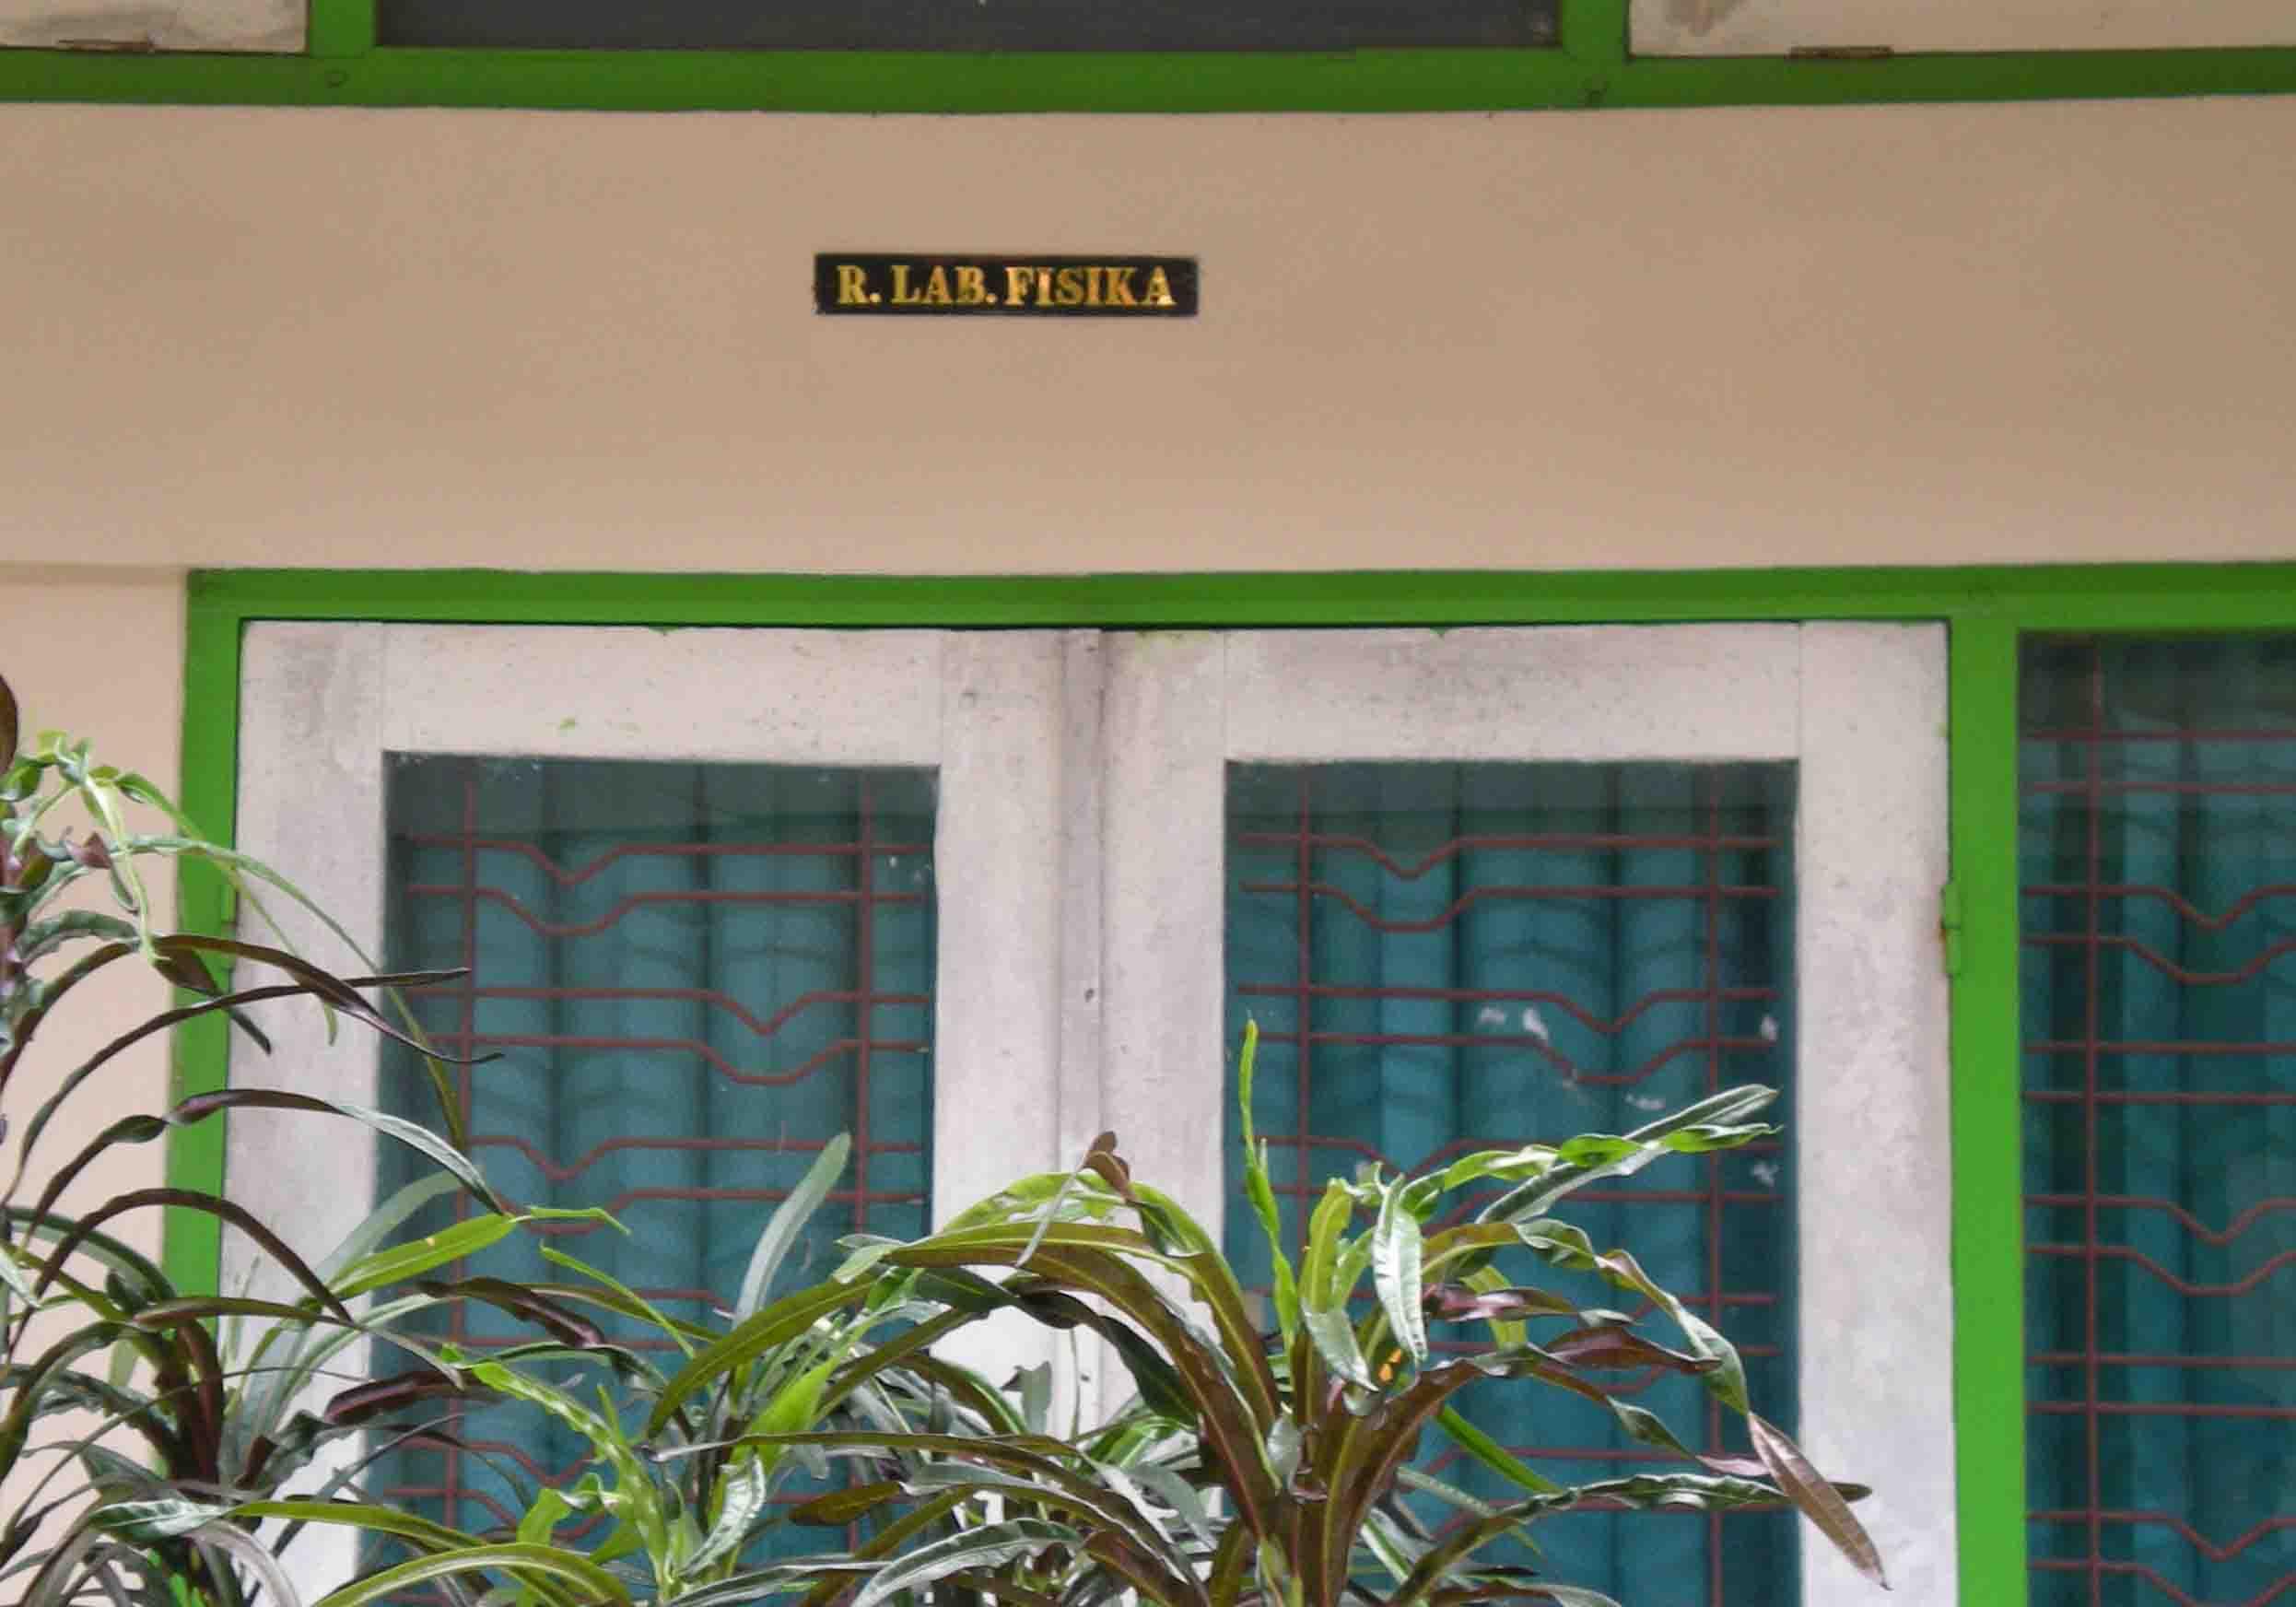 Diknas Madiun 56 Lembaga Dalam Negeri Pemberi Beasiswa Info Kampus Terbaru Galery Smp Negeri 1 Balerejo